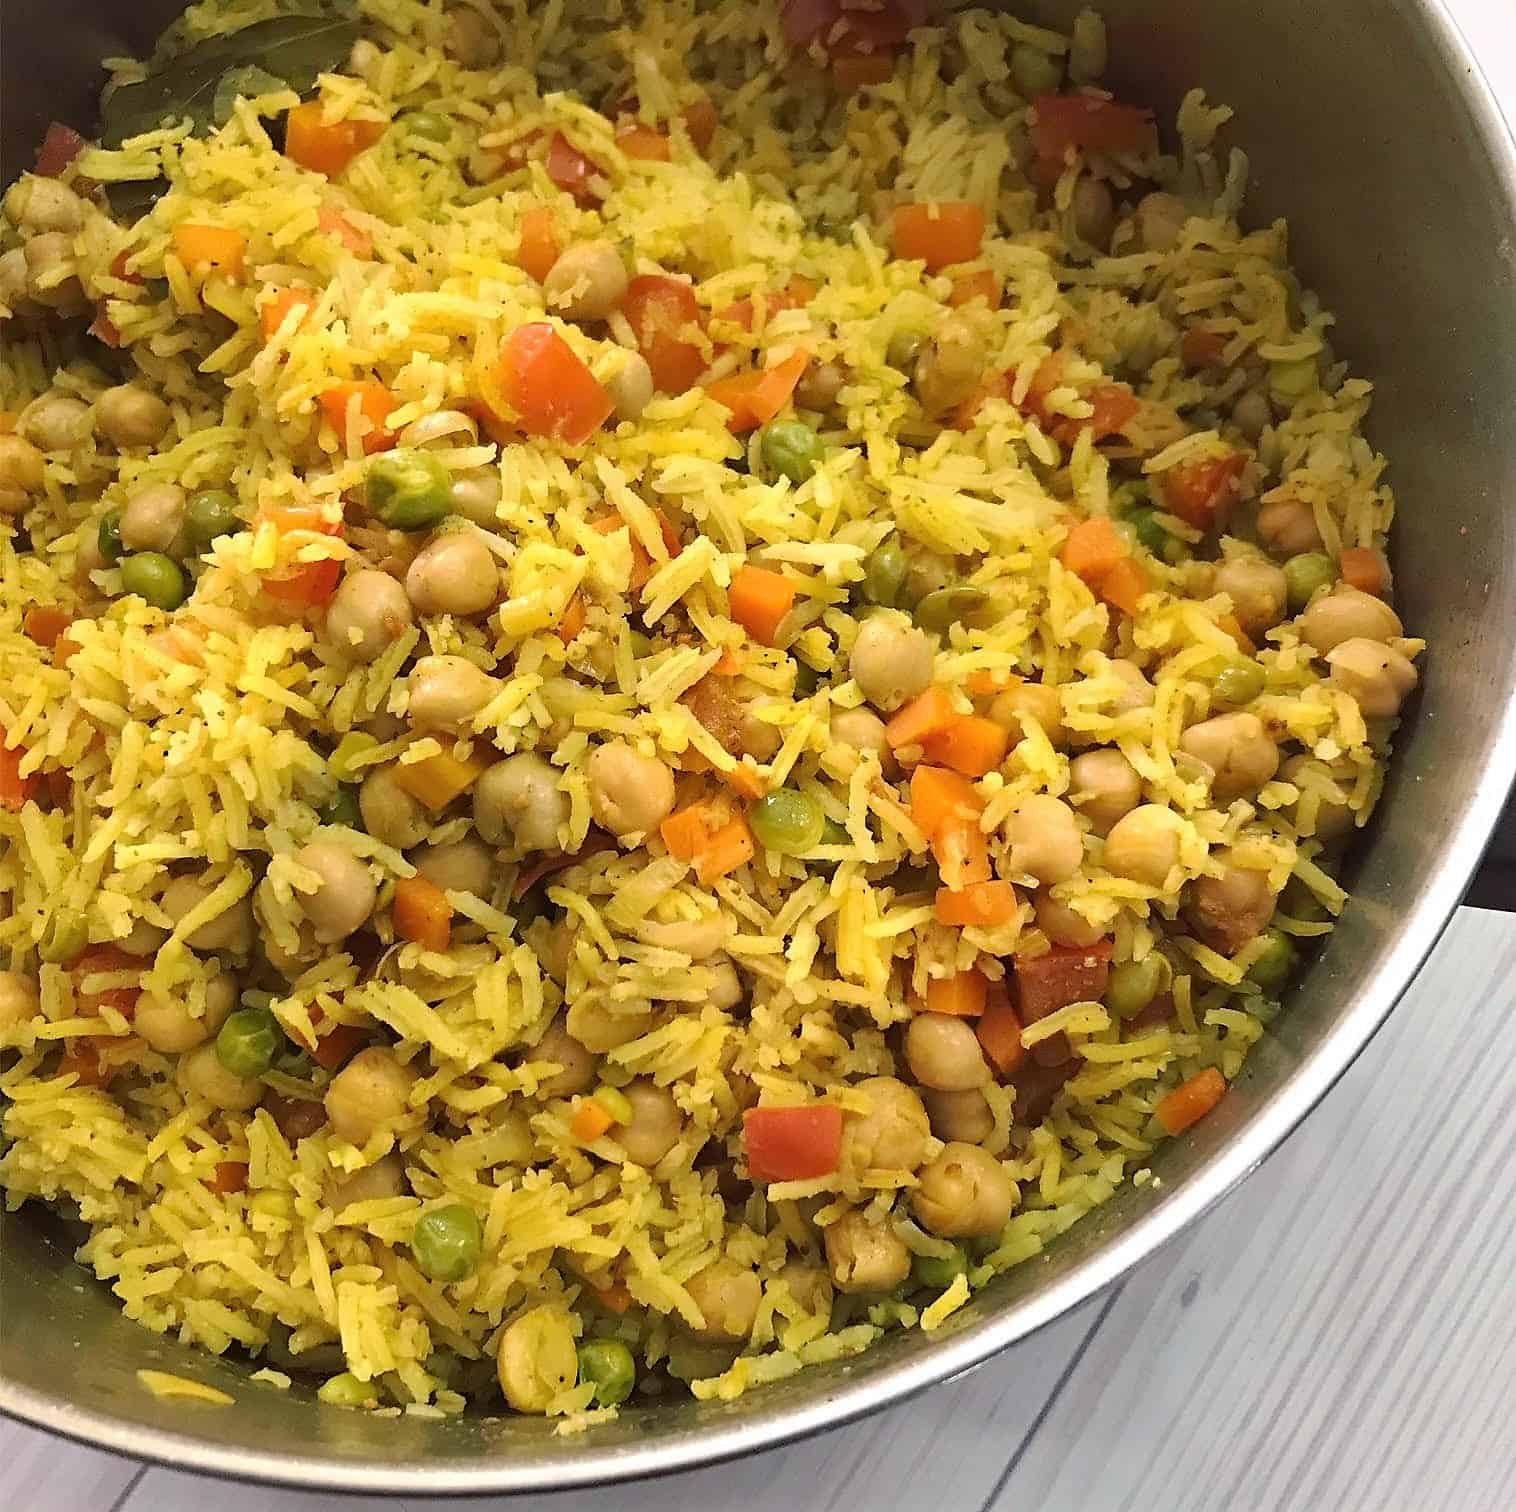 חומוס ואורז מעורבב בסיר